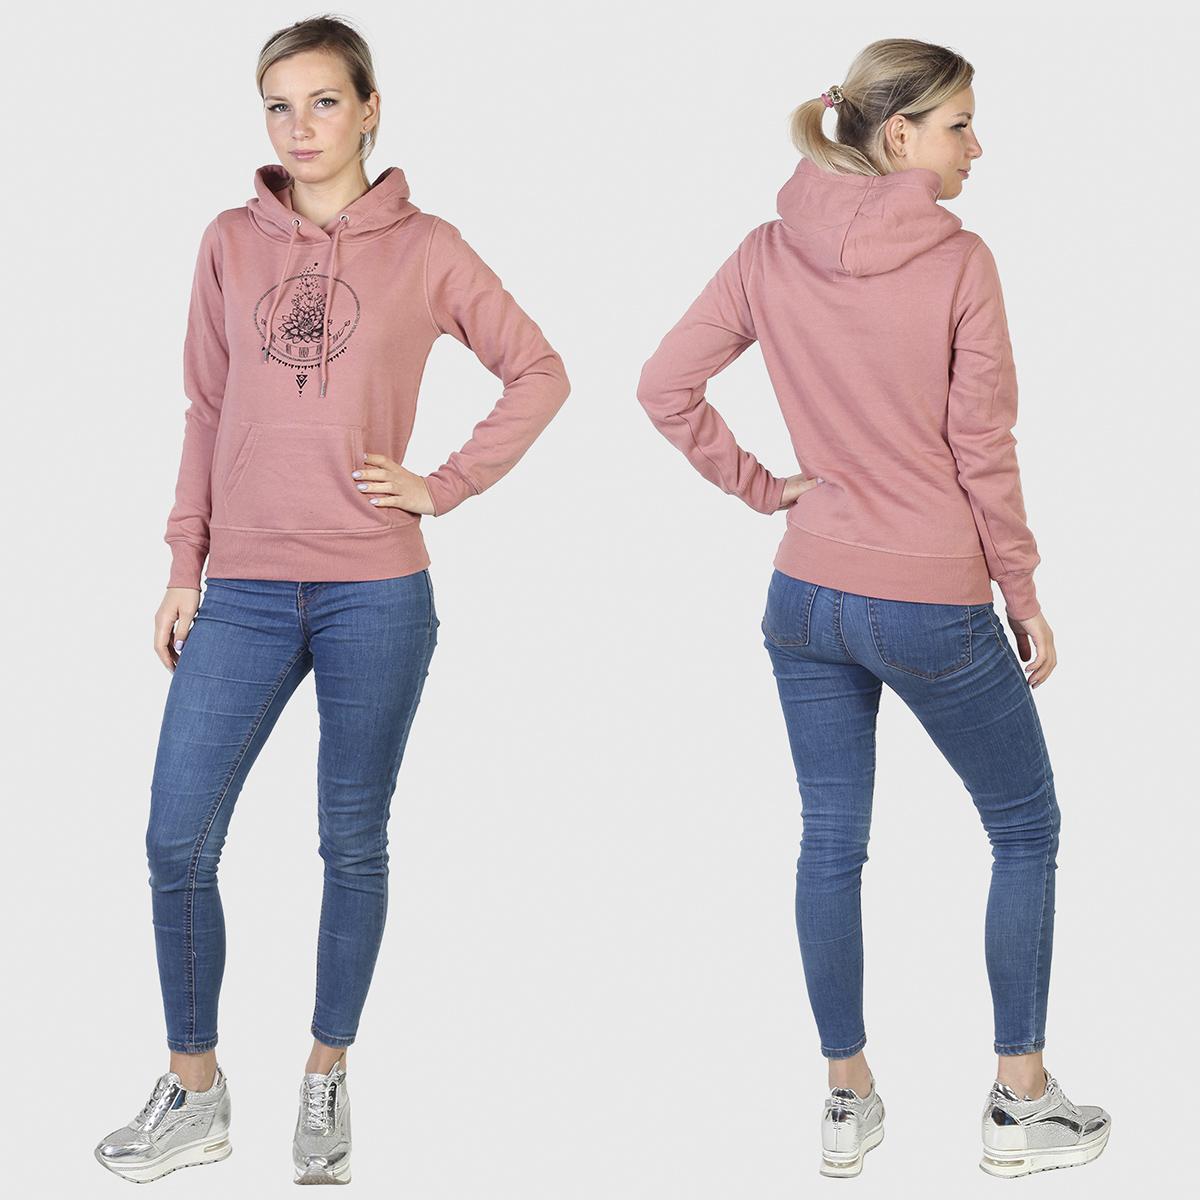 Купить в интернет магазине женскую толстовку Calvin Klein розового цвета